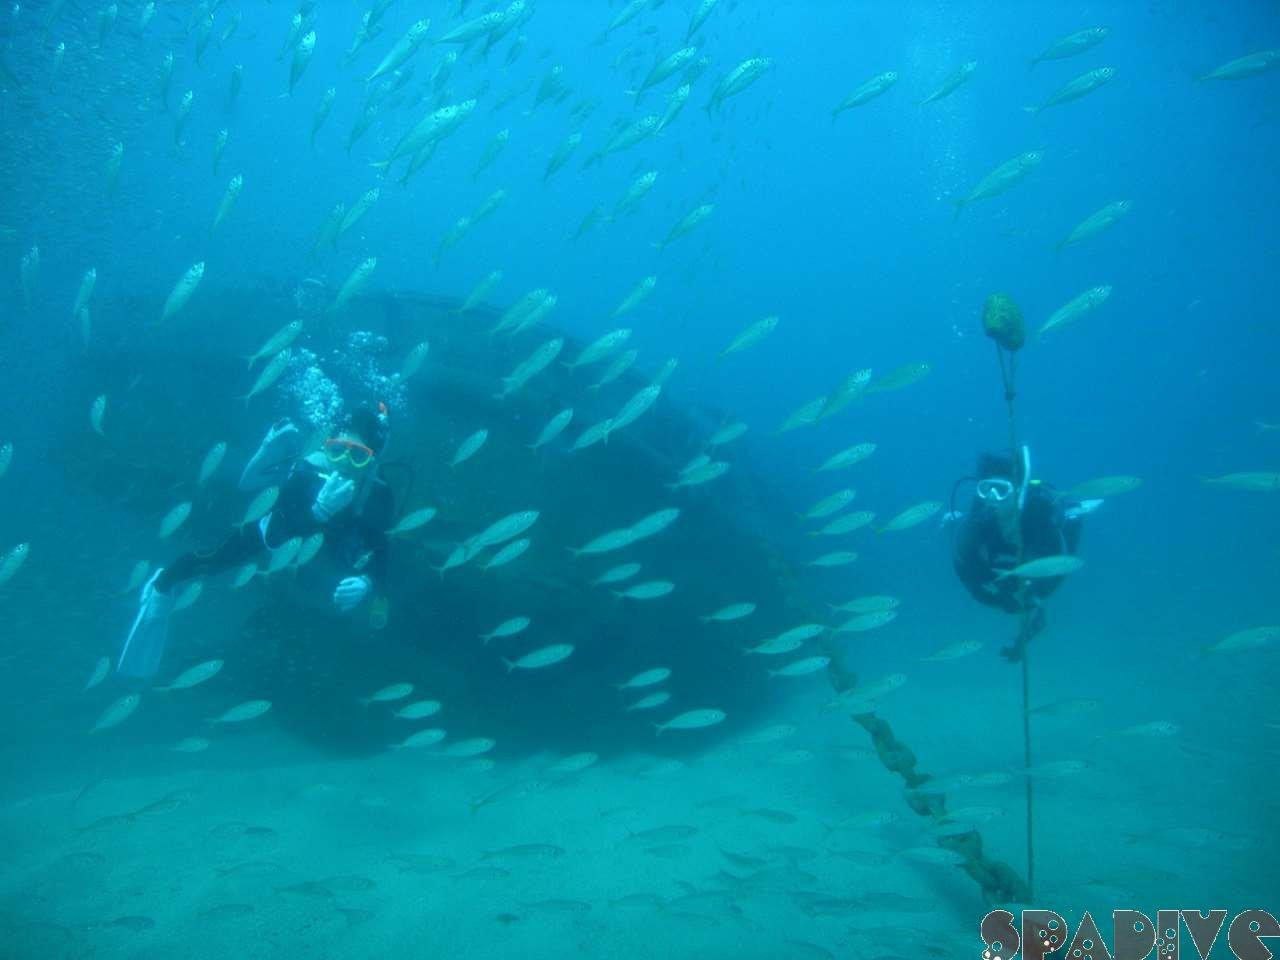 2007年10月撮影海フォトギャラリー|南紀白浜スパダイブ